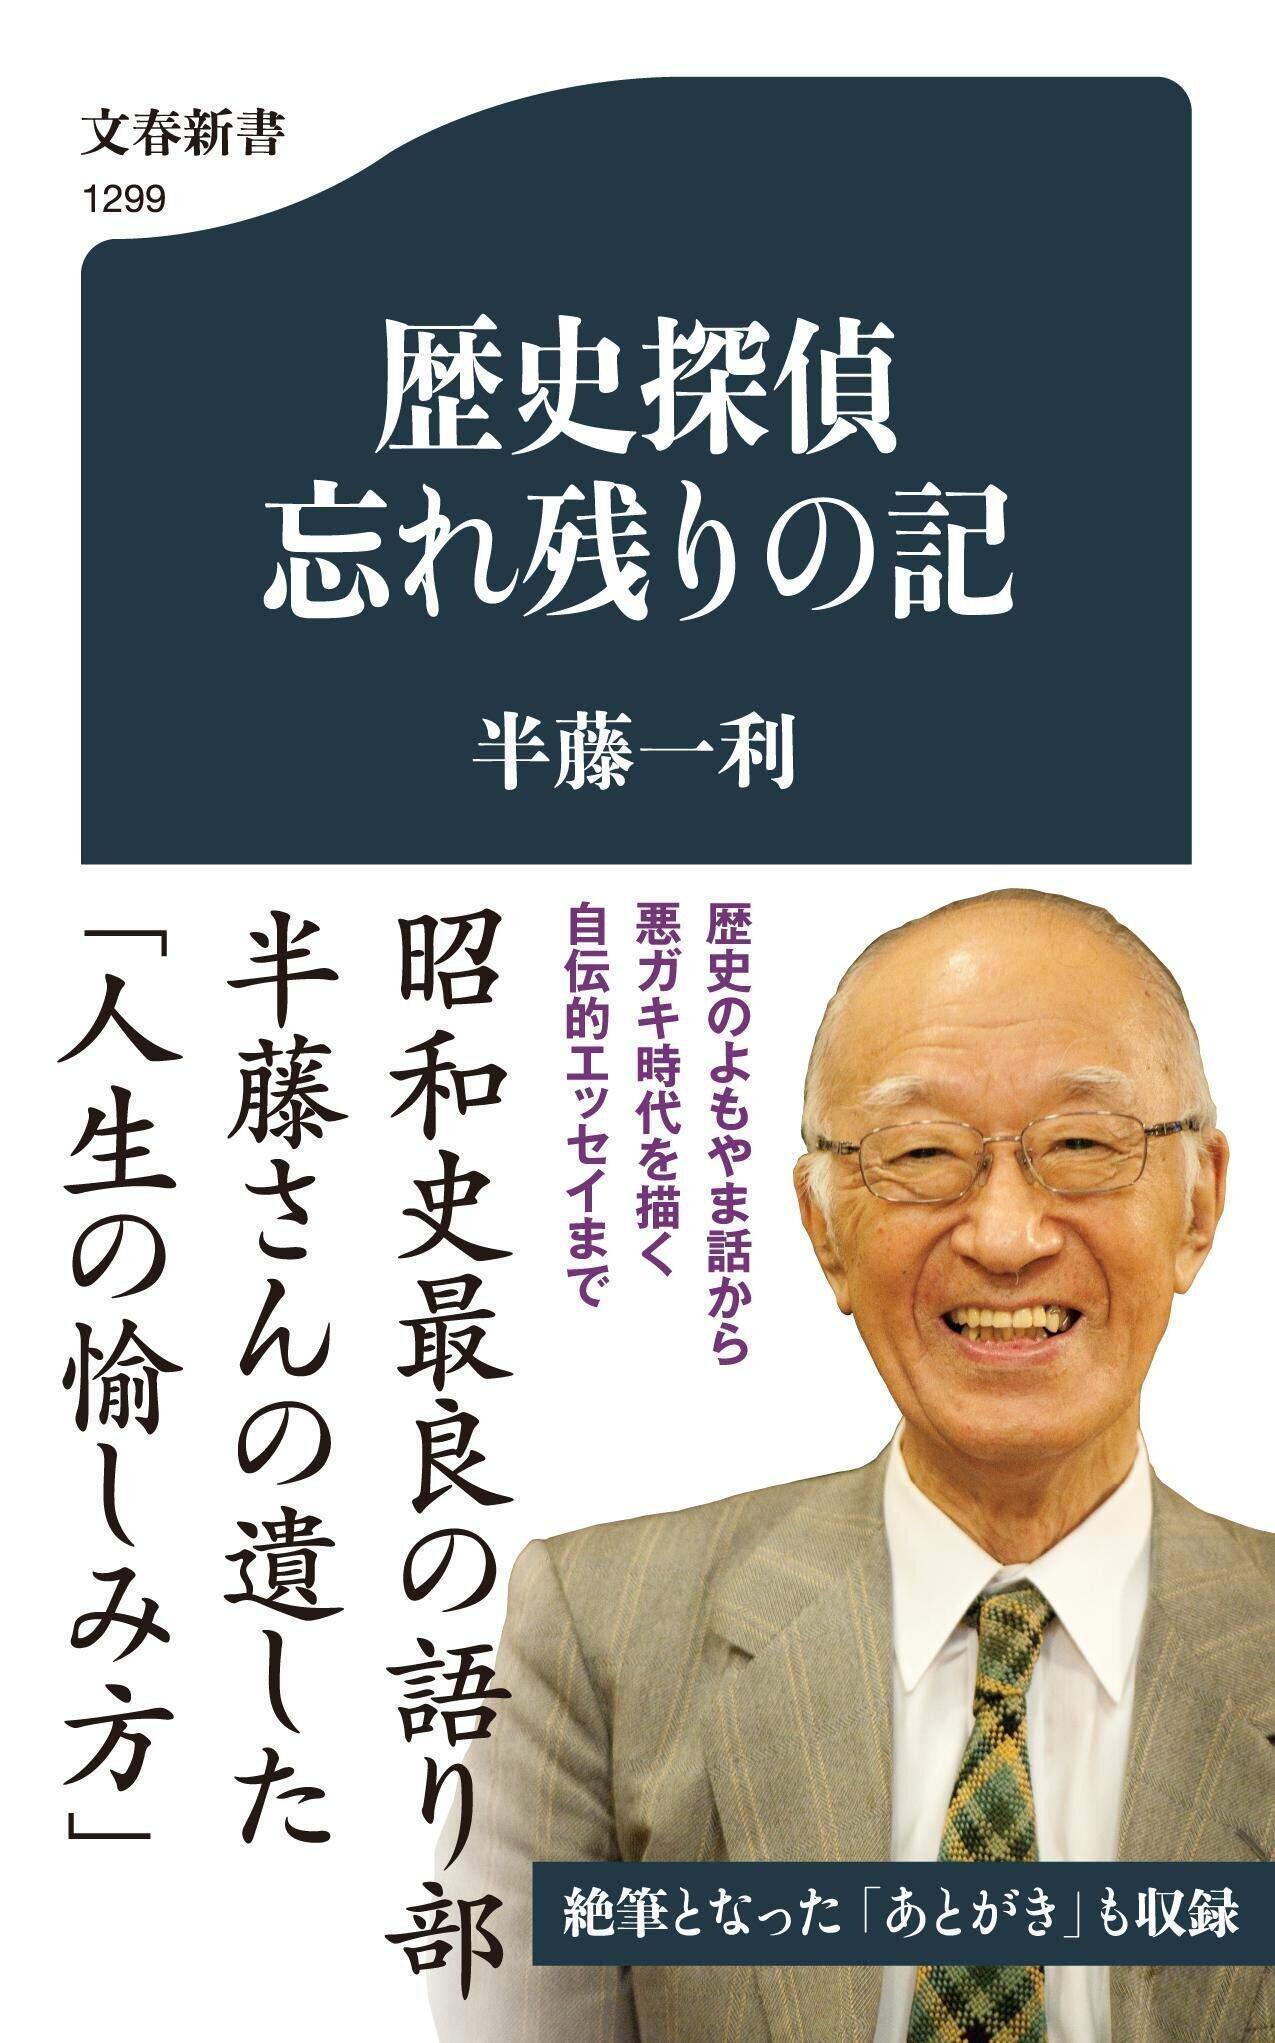 半藤一利さんの追悼ムックや最期の著作 文藝春秋から連続刊行